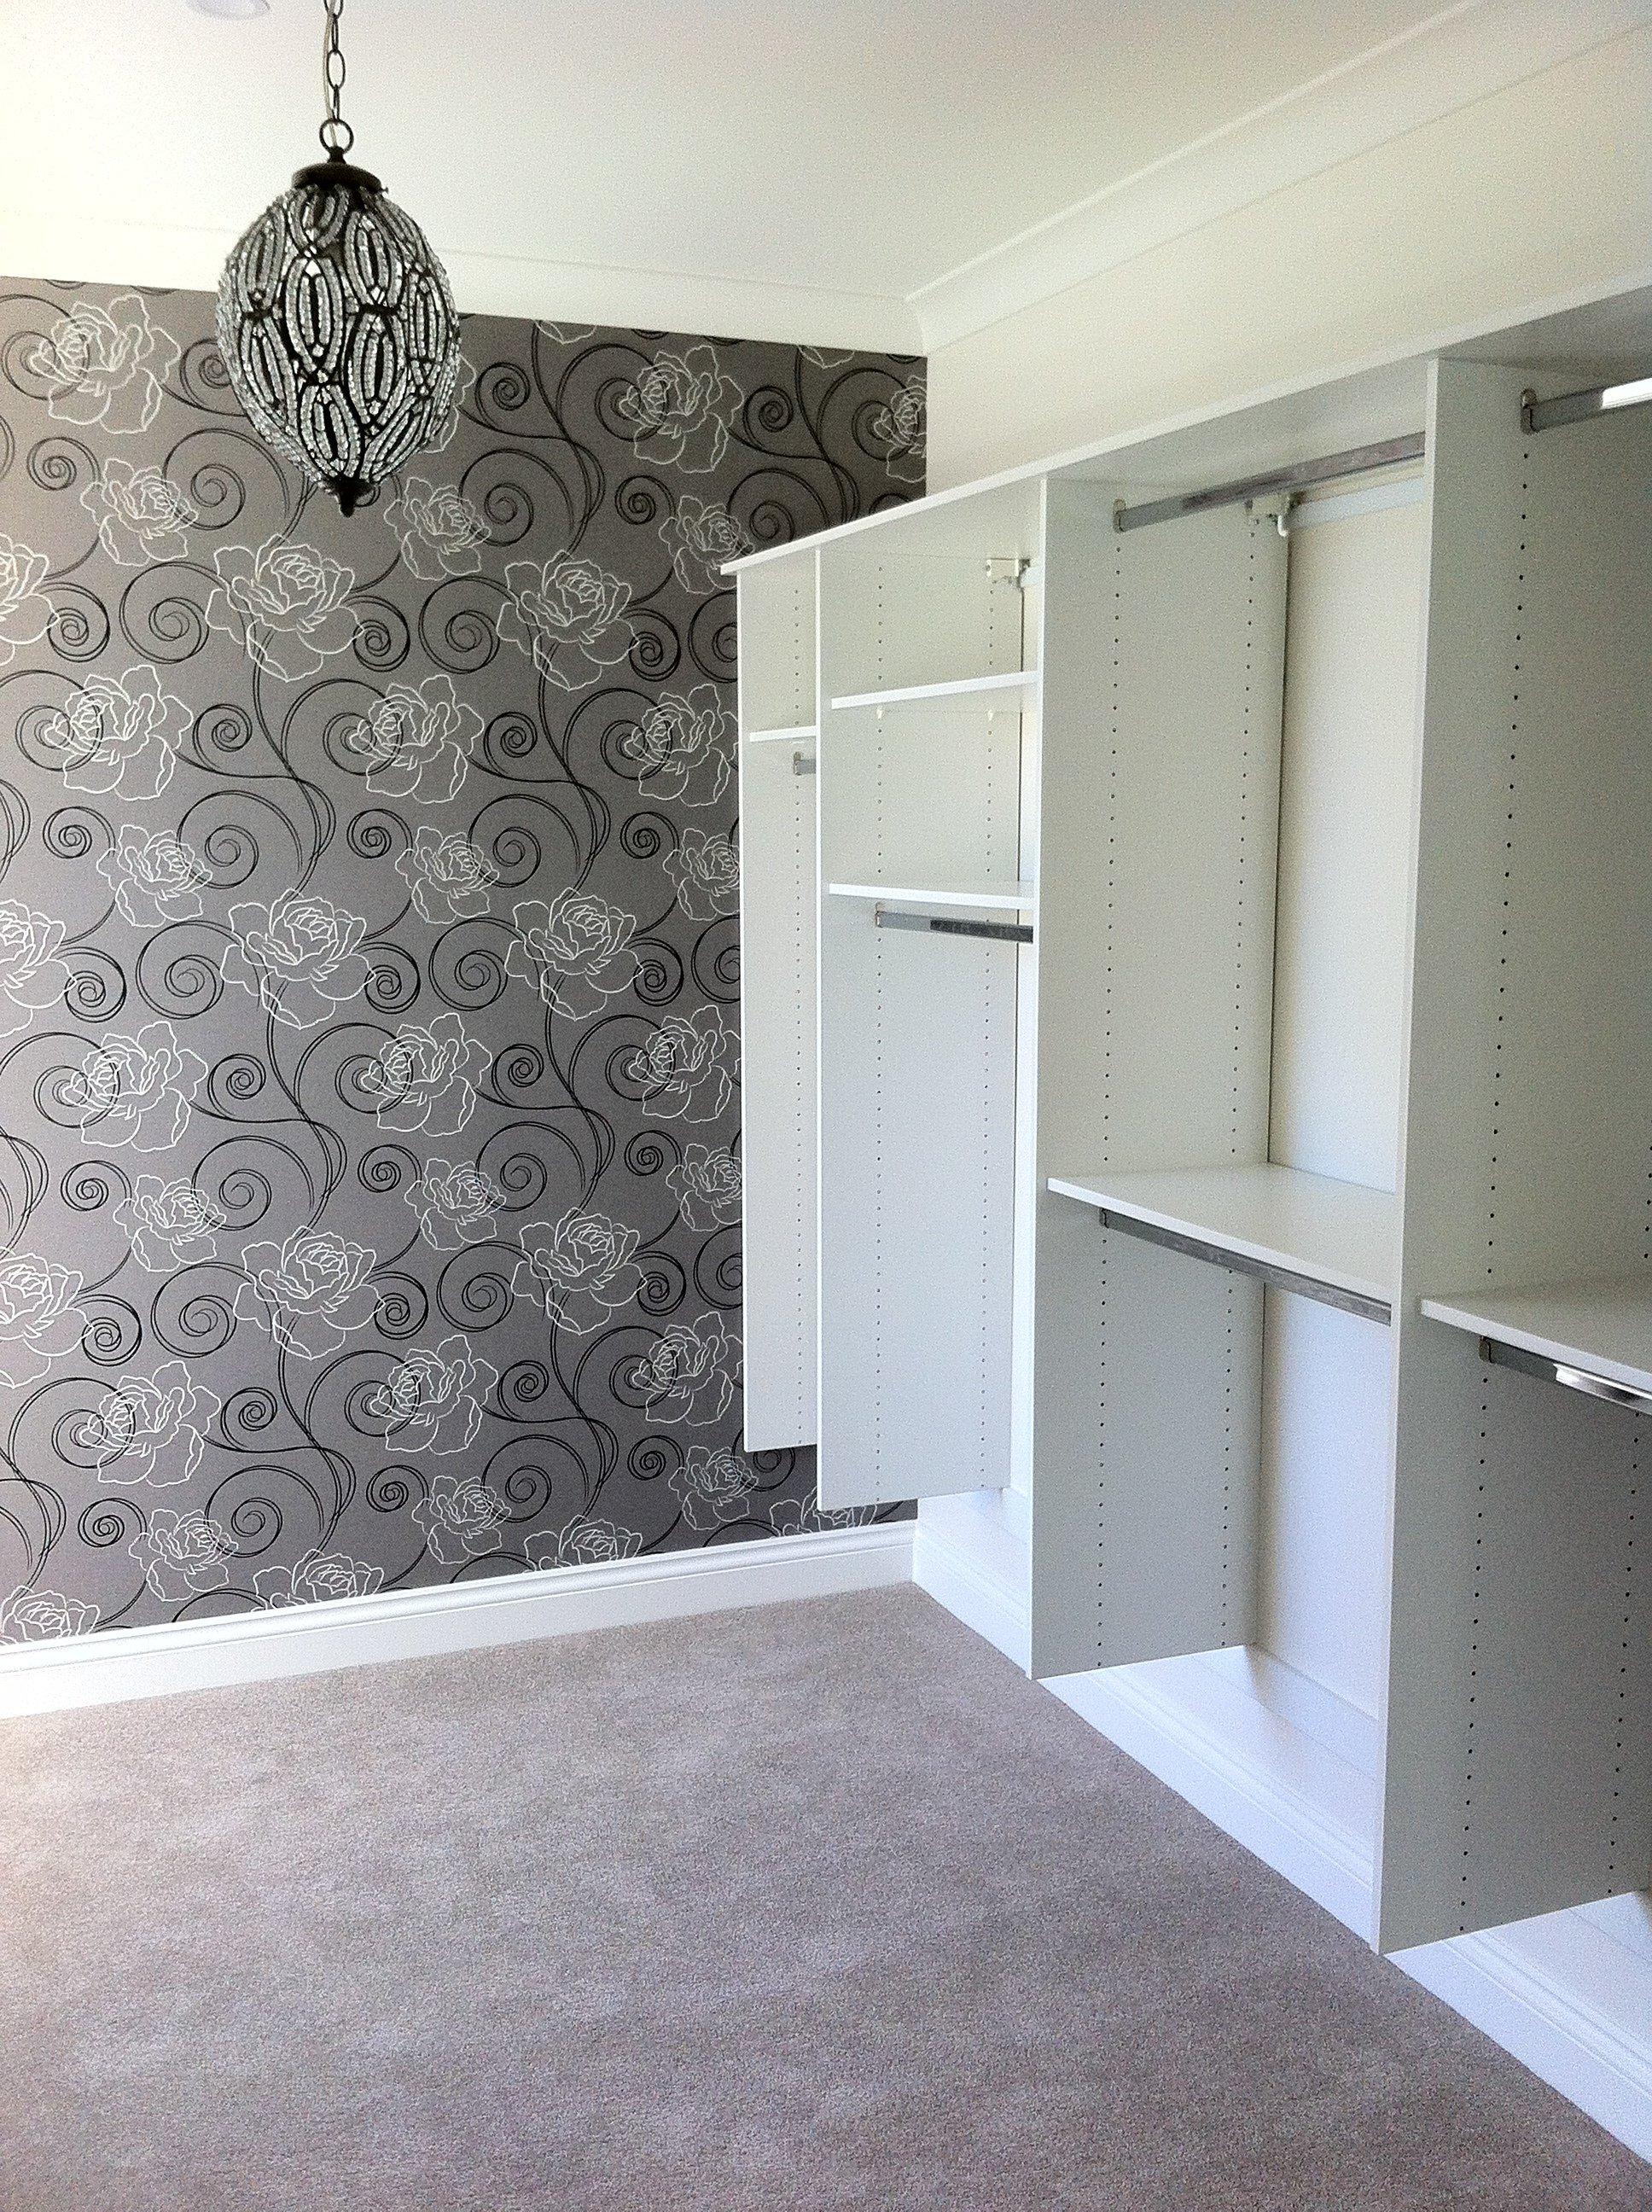 Wallpaper in walk in wardrobe